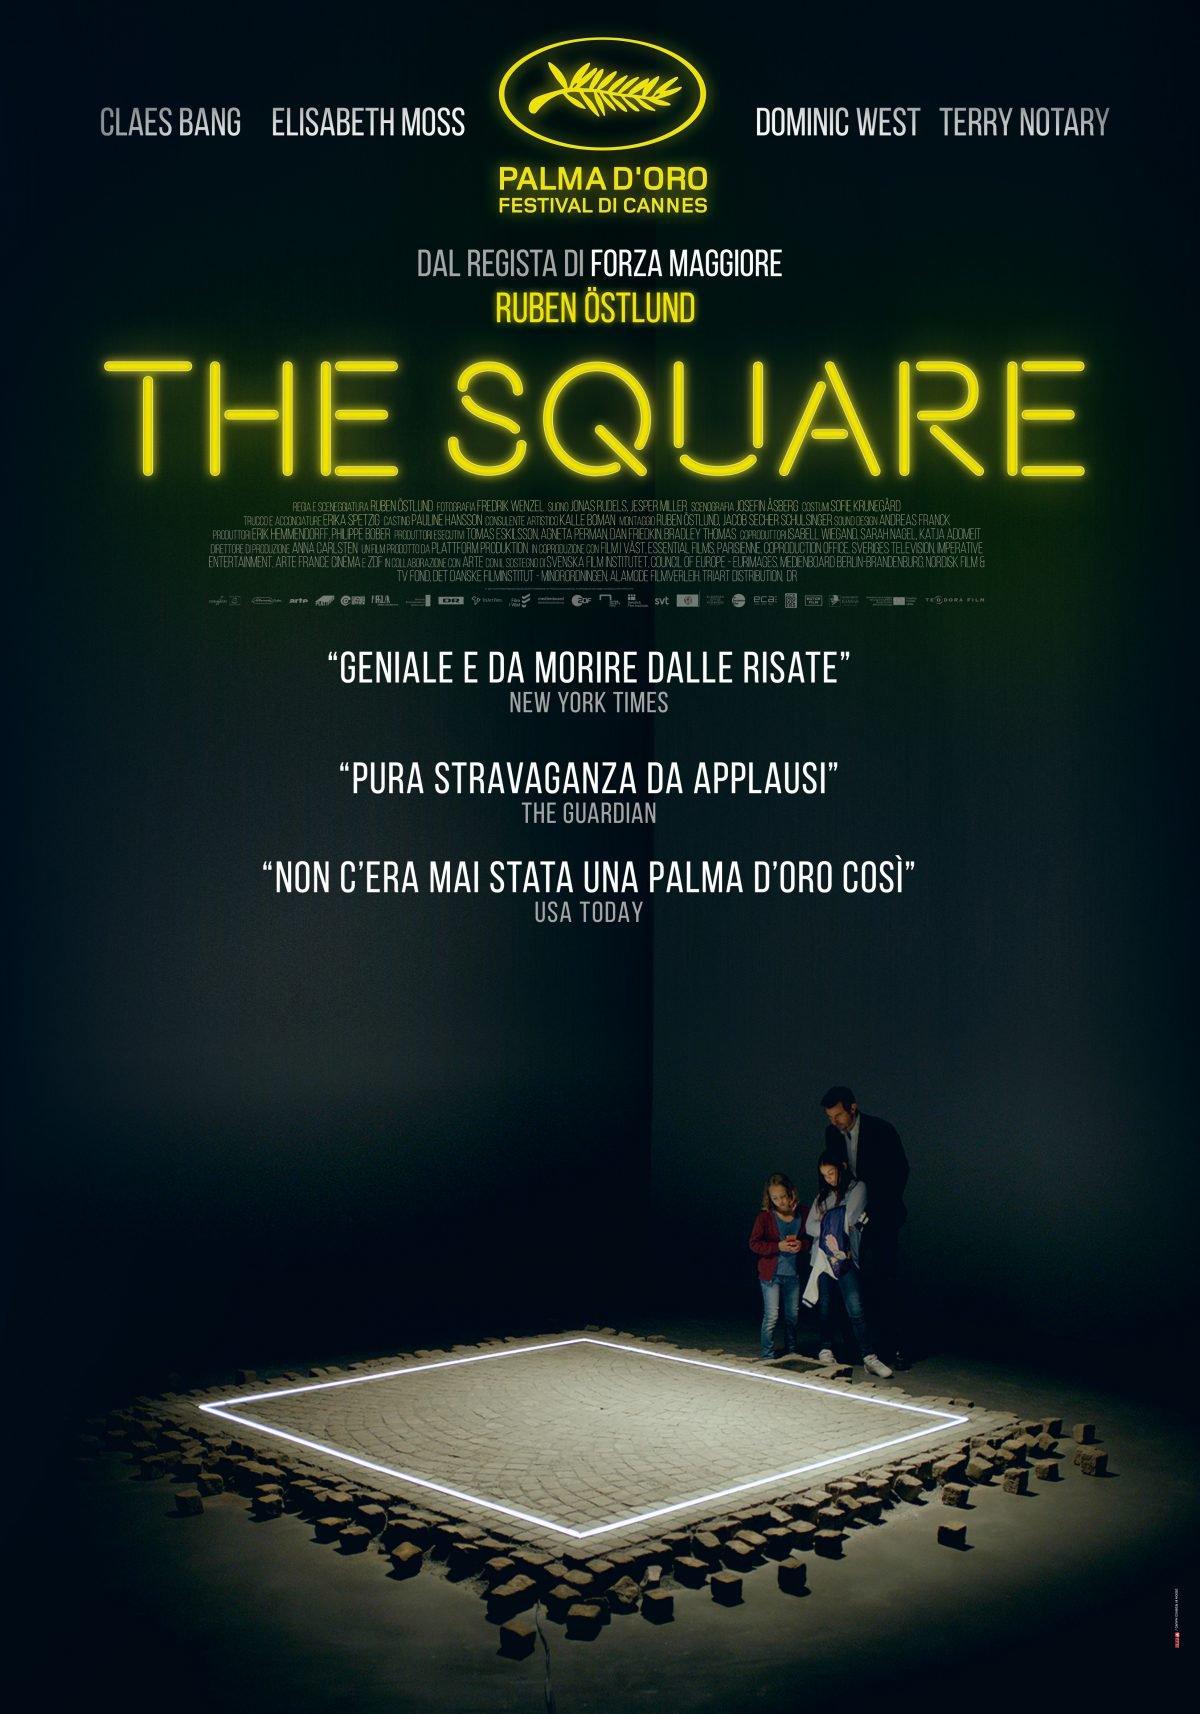 the square film